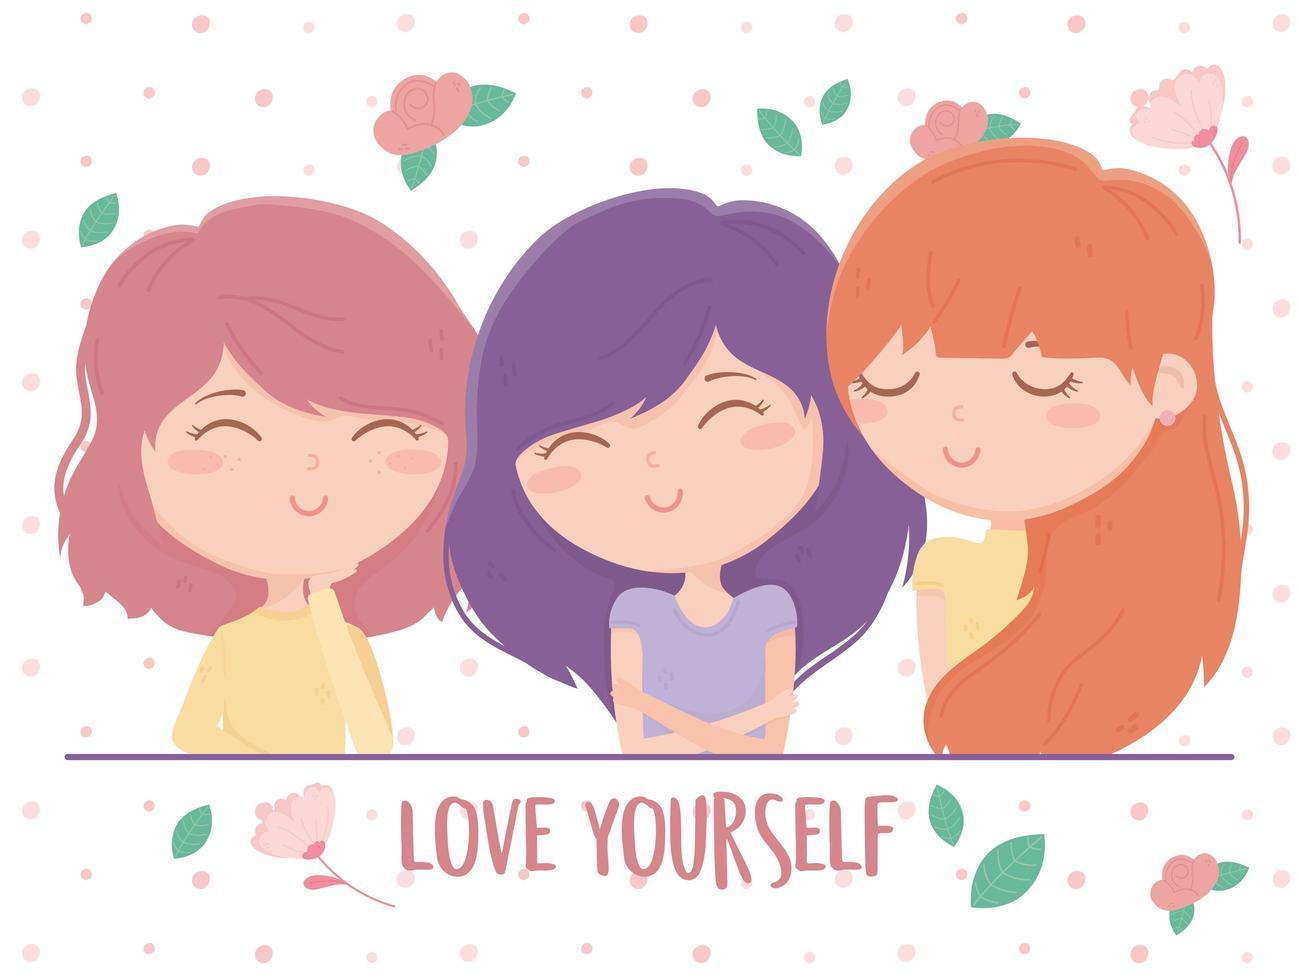 liebe dich Komposition mit jungen Frauen und Blumen vektor